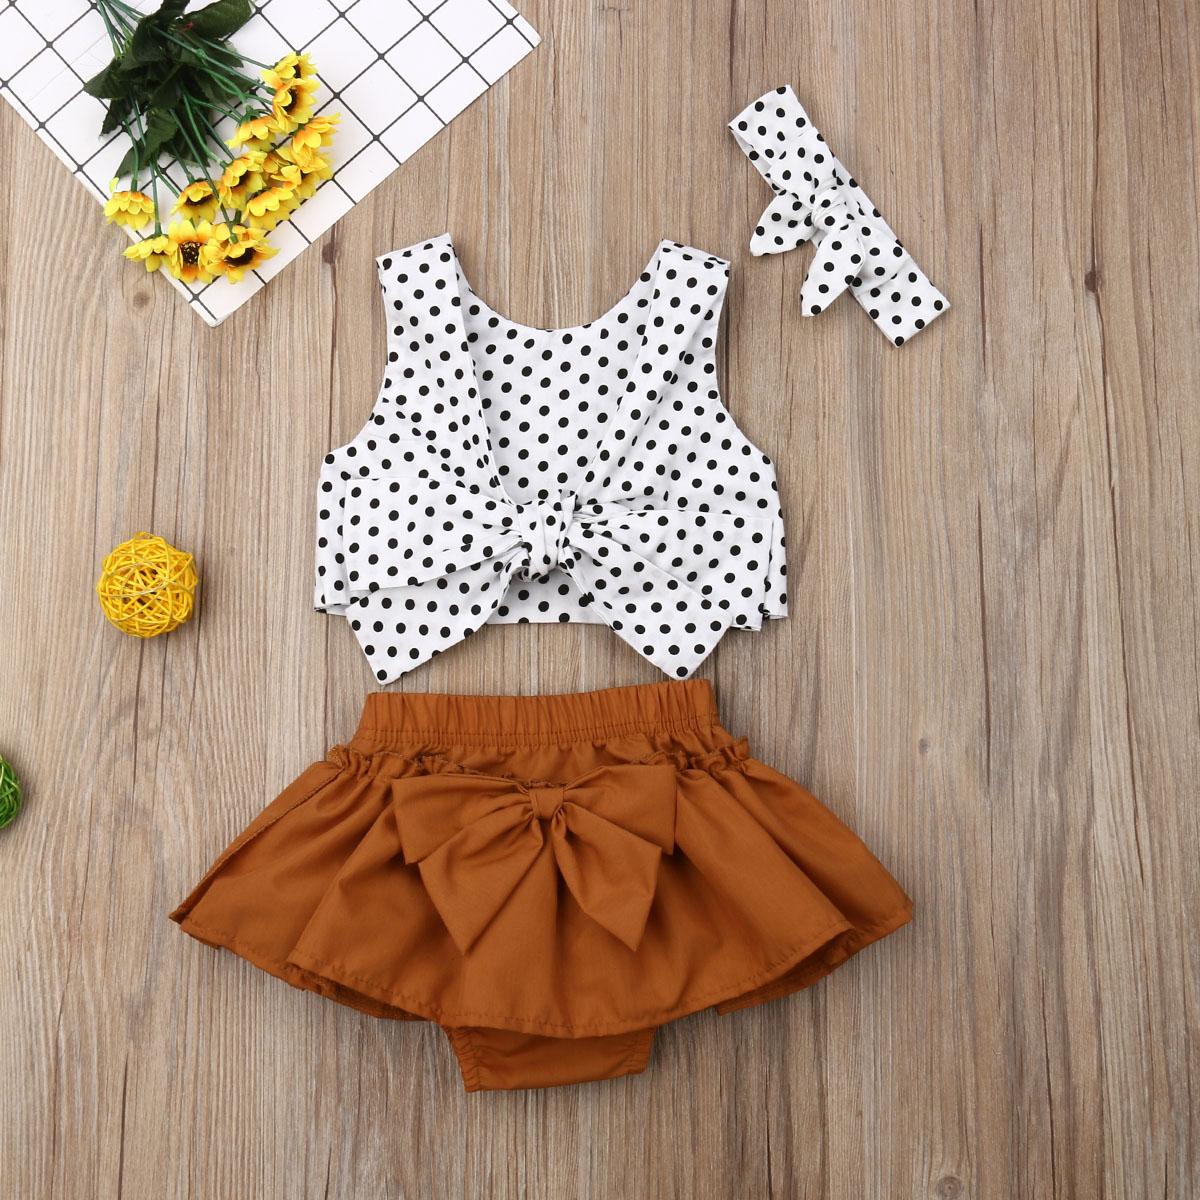 Newborn Infant Kid Girls Polka Dot Tops Headband Bow Knot Skirt 3PCS Clothes Oddler Kids Baby Girl Tube Tops